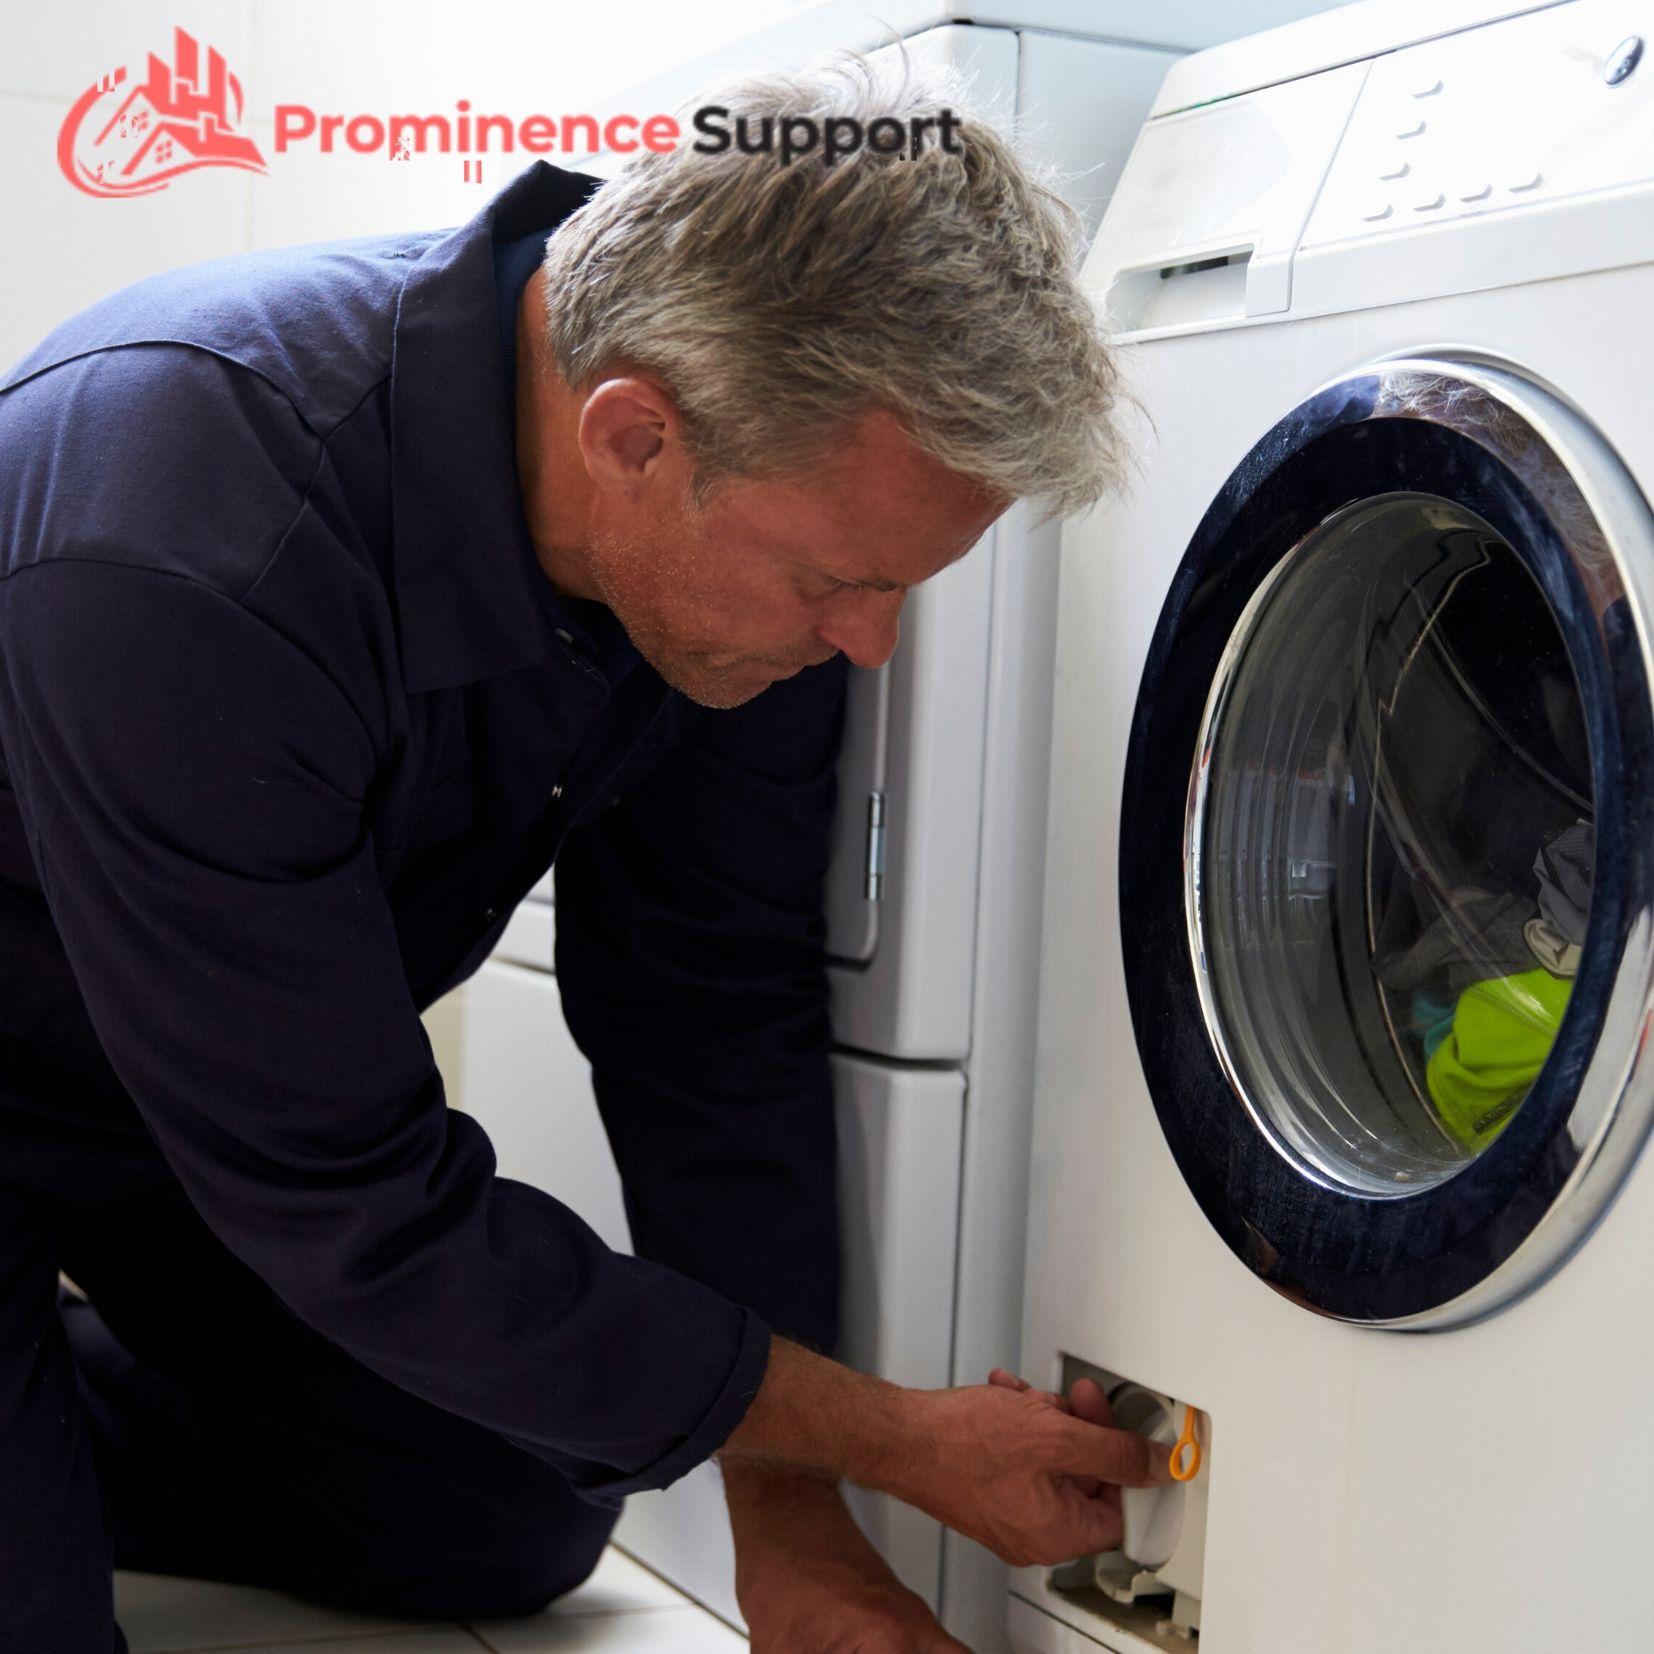 Hotpoint washing machine insurance